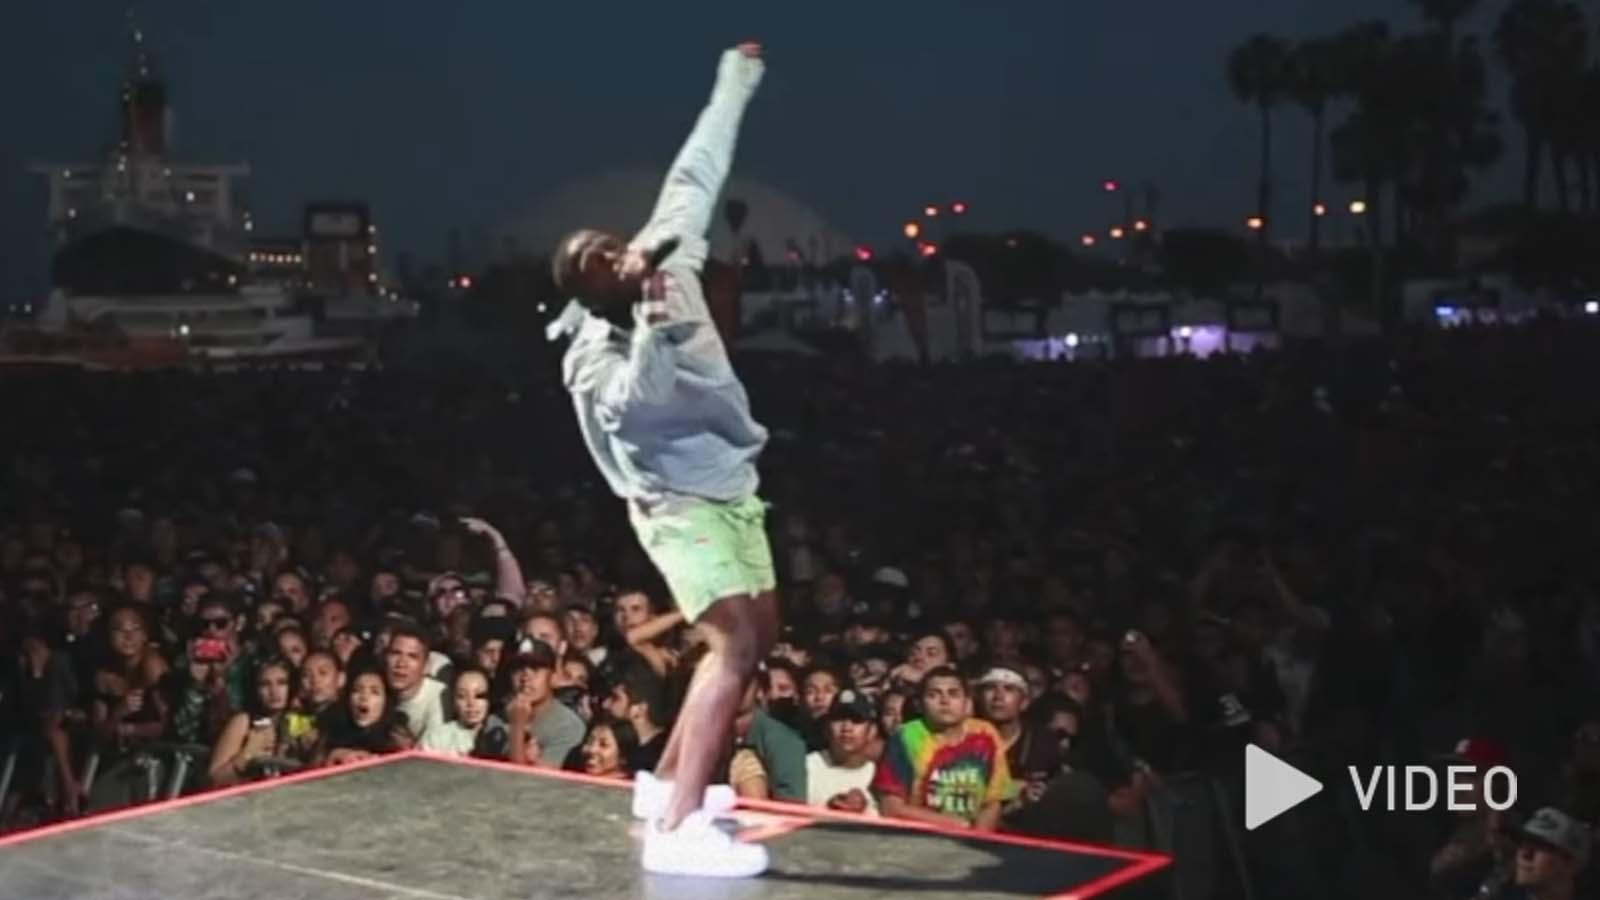 Isaiah Rashad ft. ScHoolboy Q – Runnin' [Video]